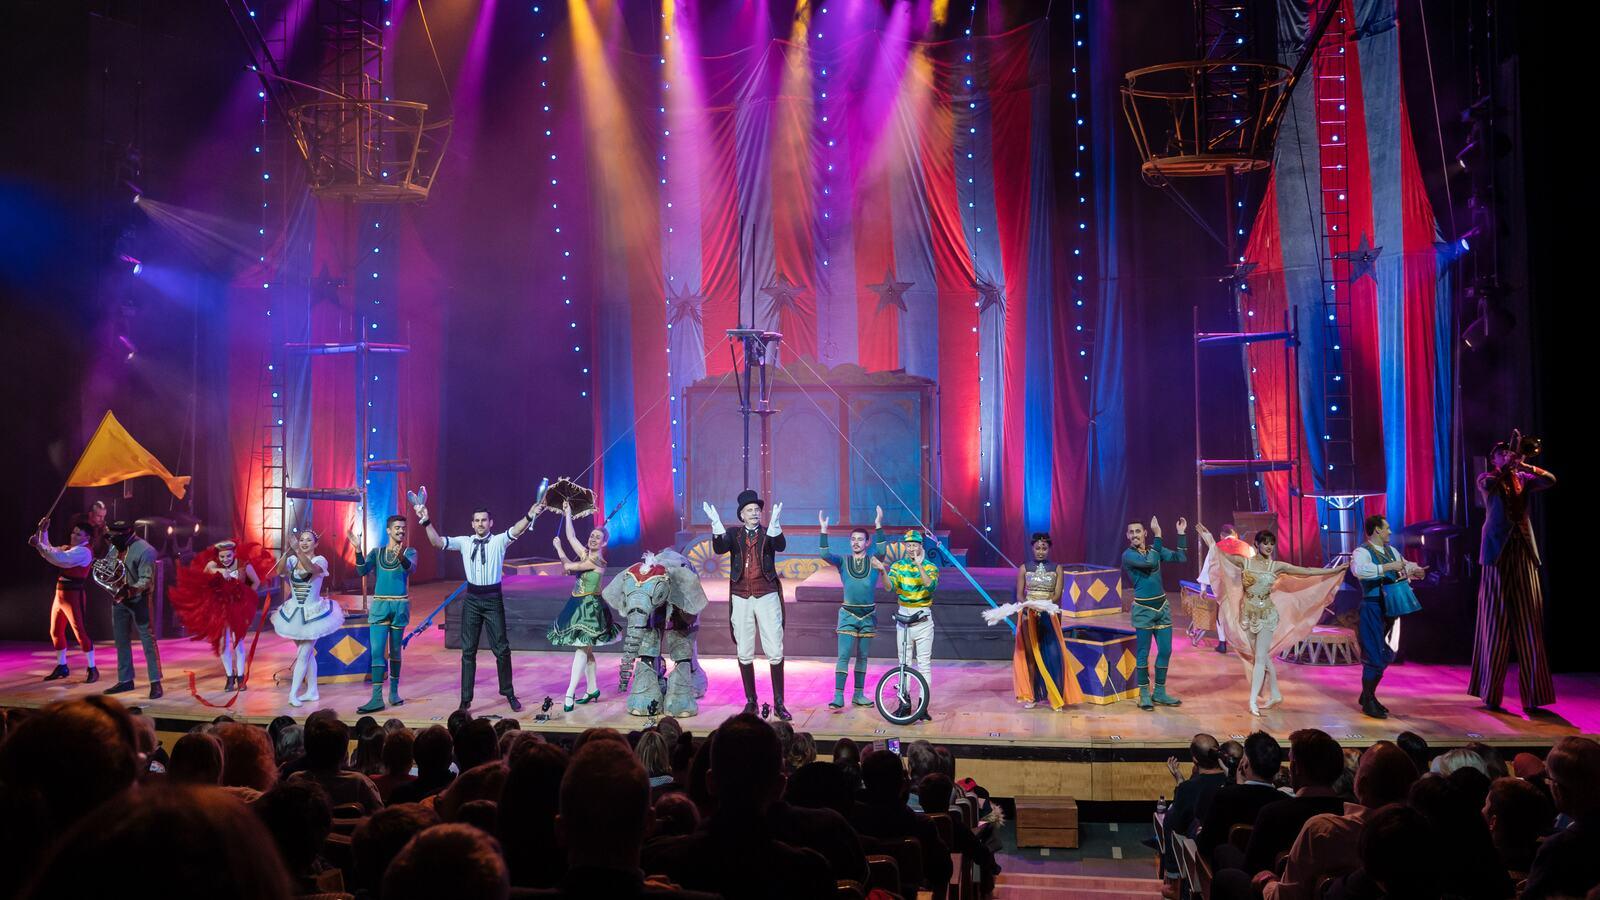 Circus 1903 at Southbank Centre